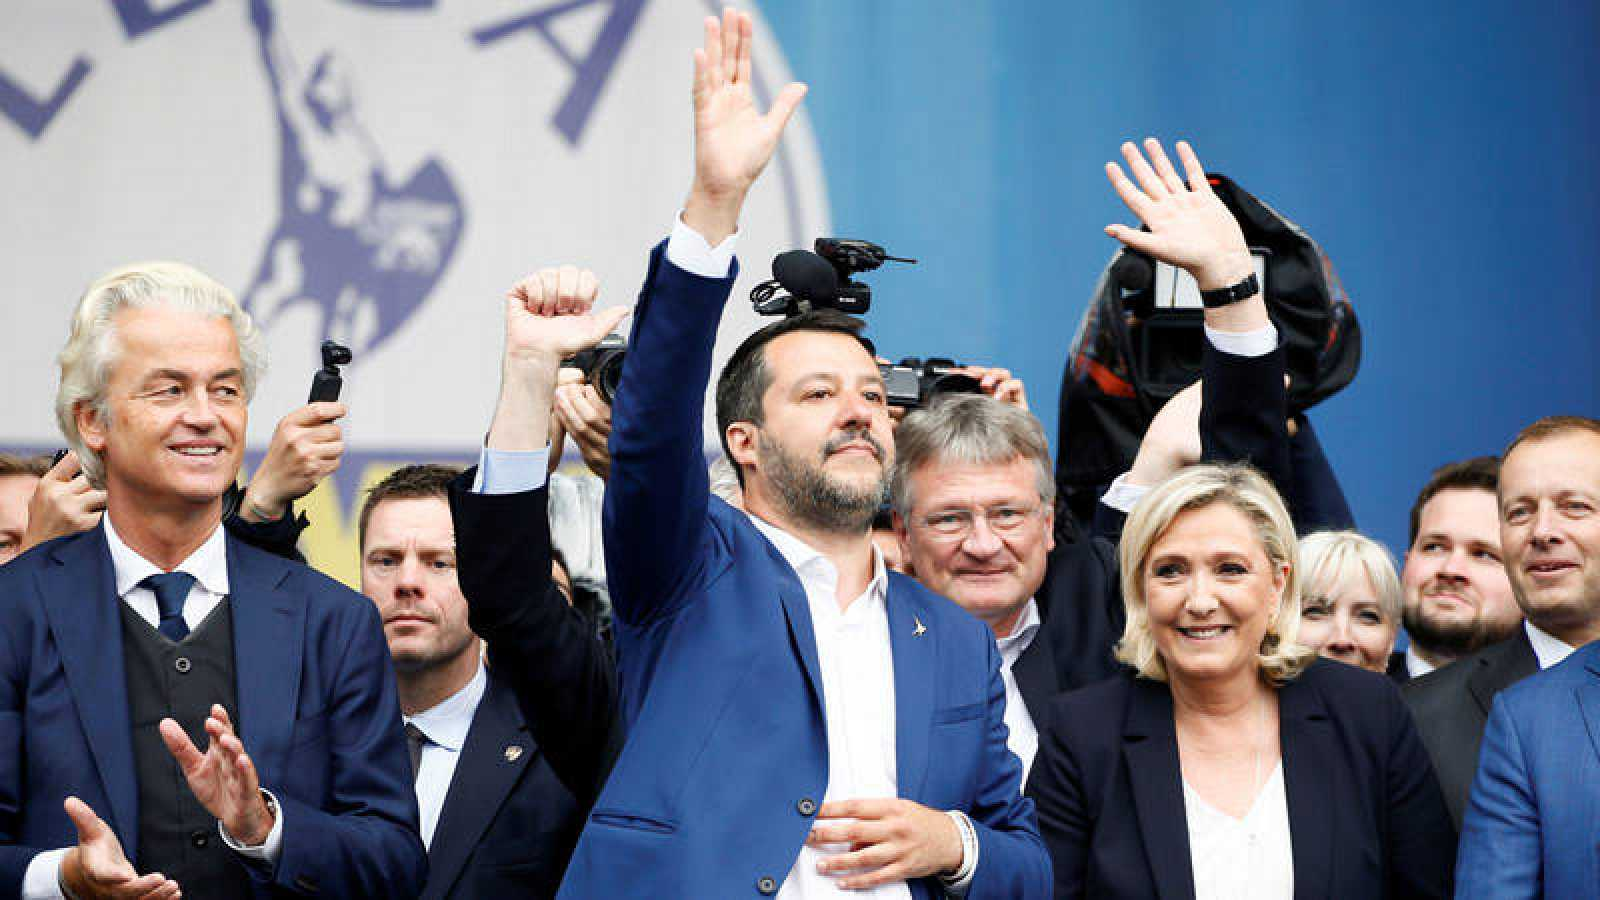 Matteo Salvini saluda a los asistentes flanqueado por Geert Wilder y Marie Le Pen